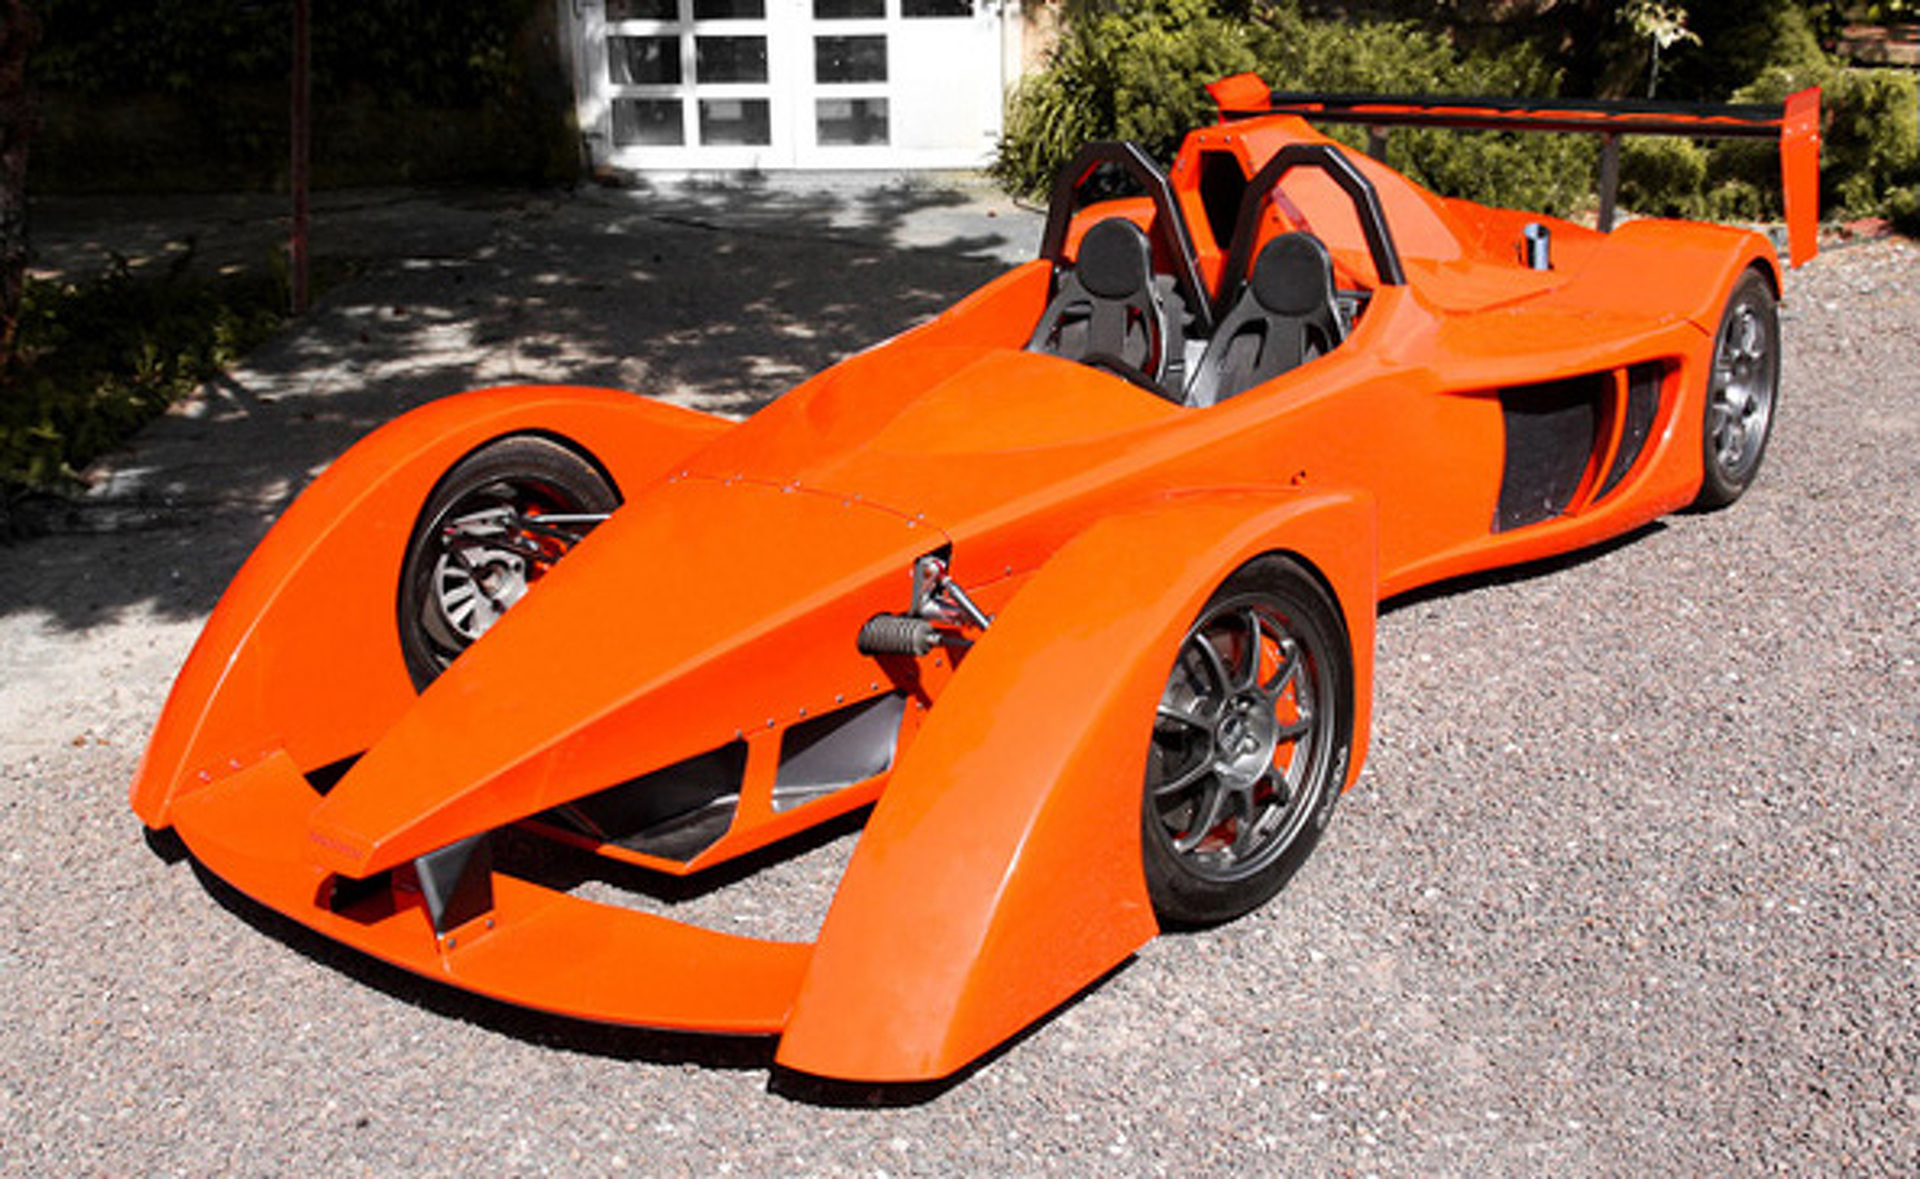 Innotech Aspiron: Czech-Built Lightweight Track Monster